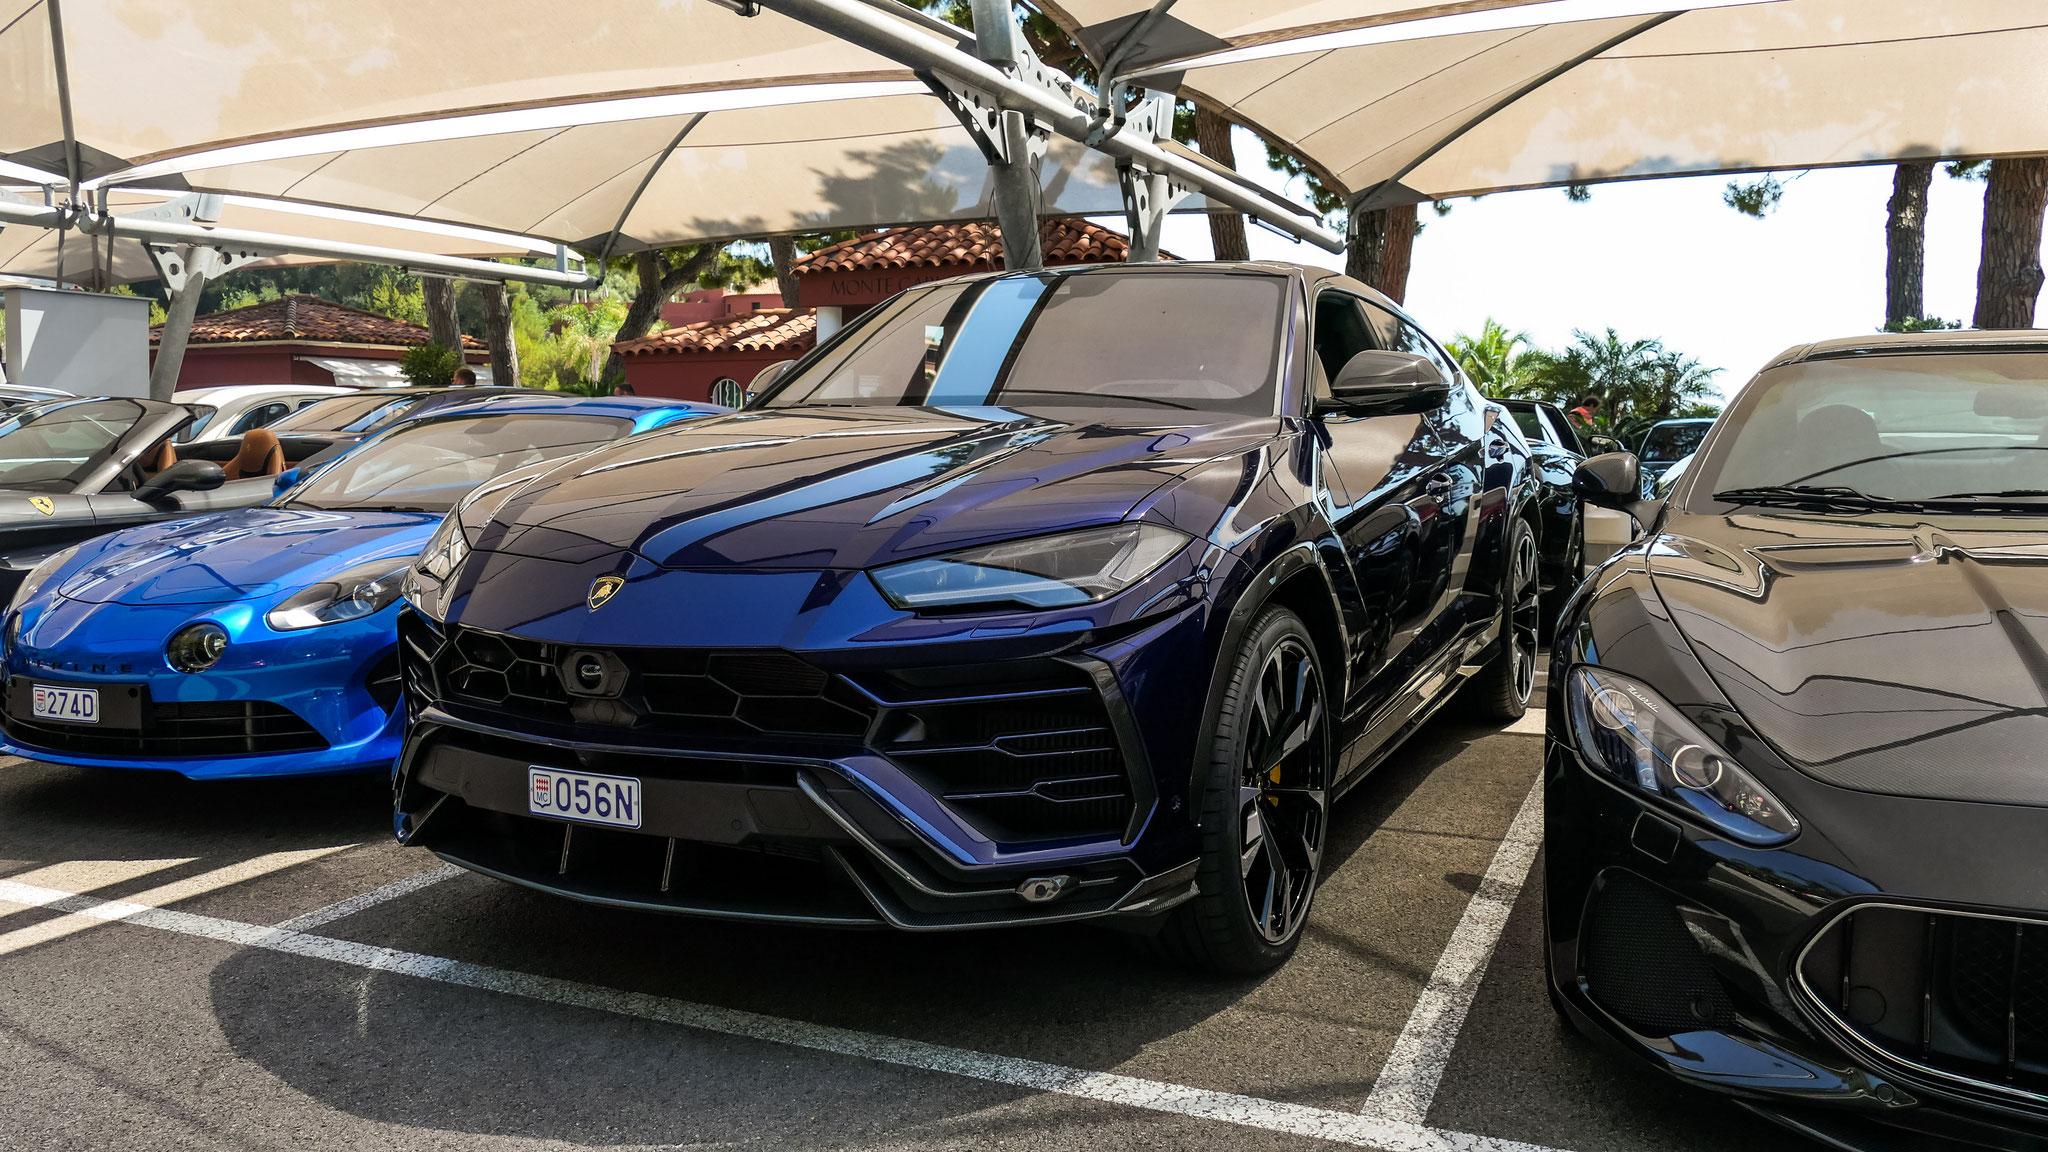 Lamborghini Urus - 056N (MC)